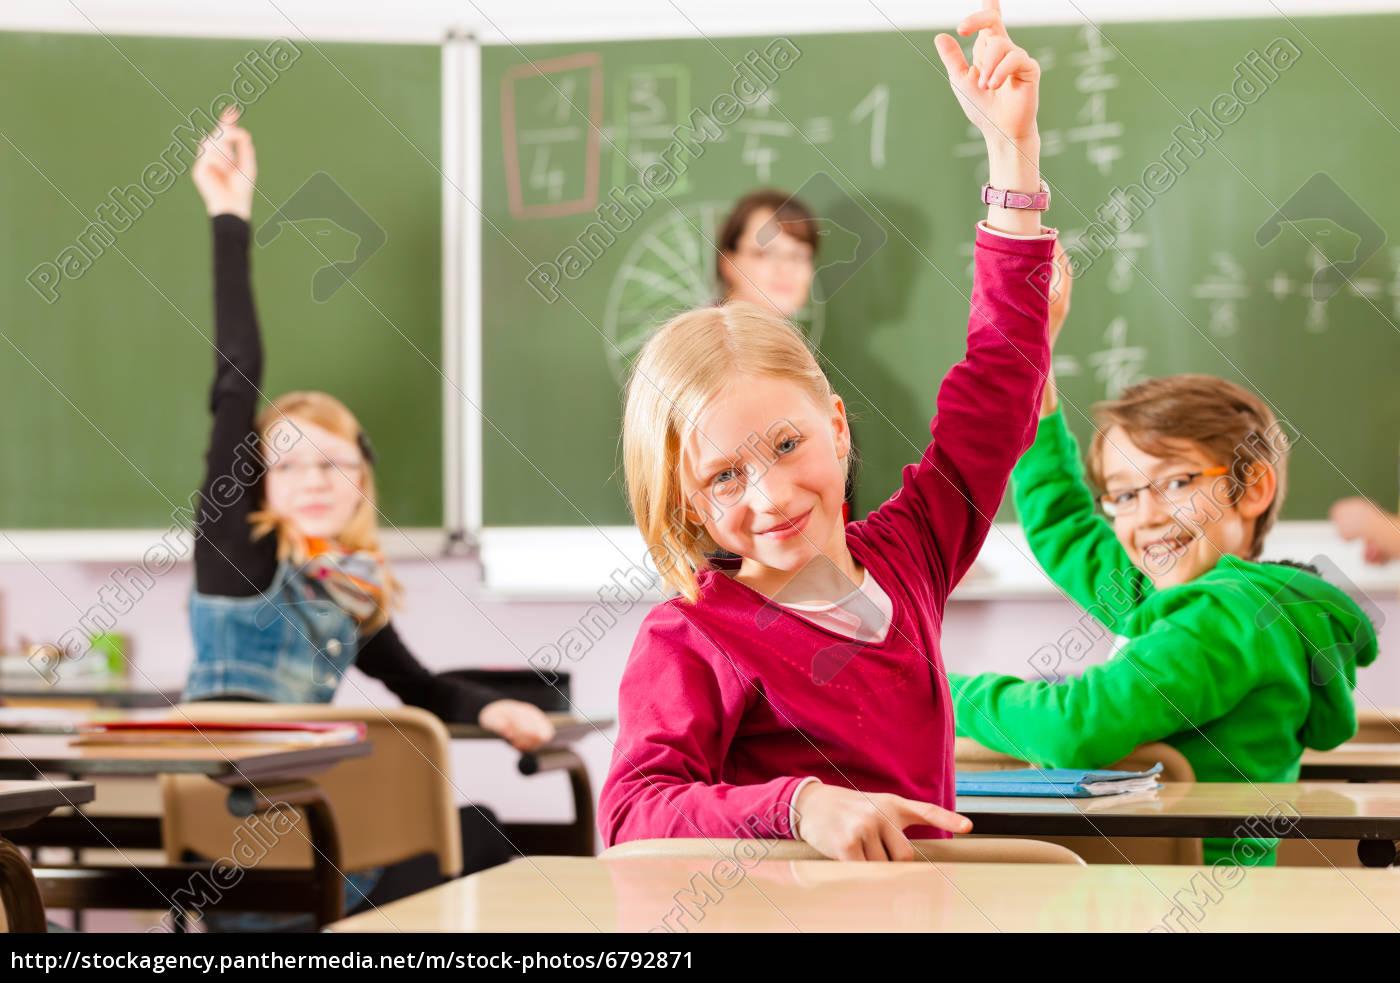 nauczyciel, z, uczniami, w, szkole, w, edukacji - 6792871